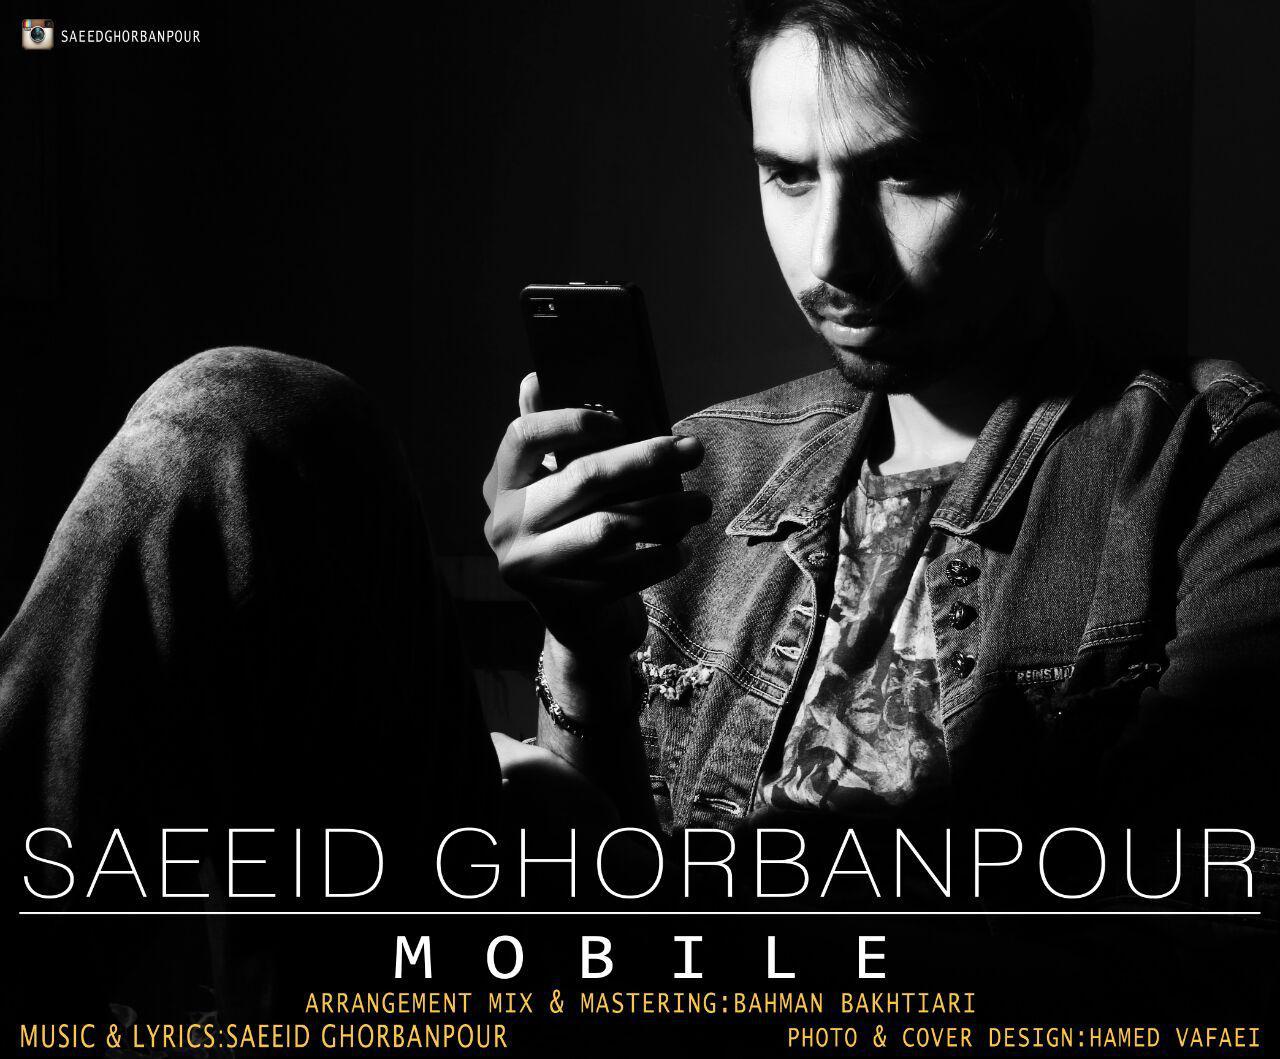 دانلود آهنگ جدید سعید قربانپور به نام موبایل